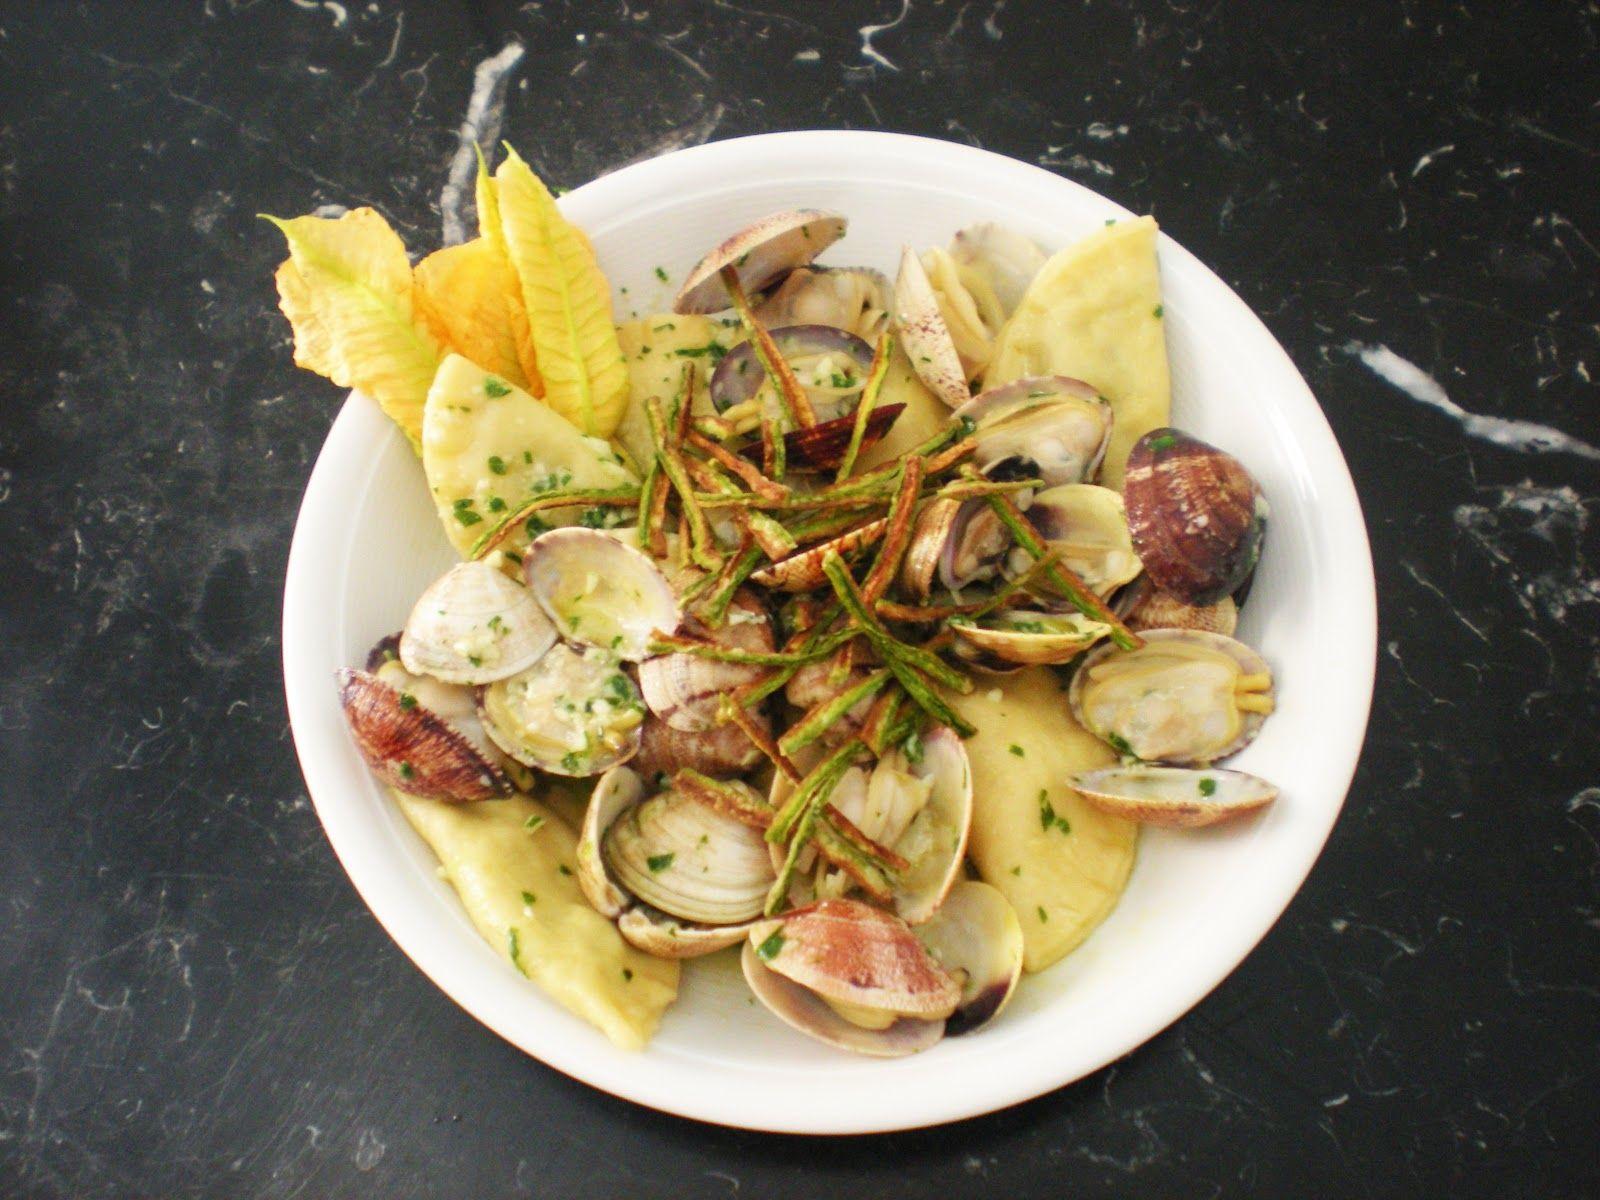 Ravioli di zucchine in guazzetto di vongole e grana padano